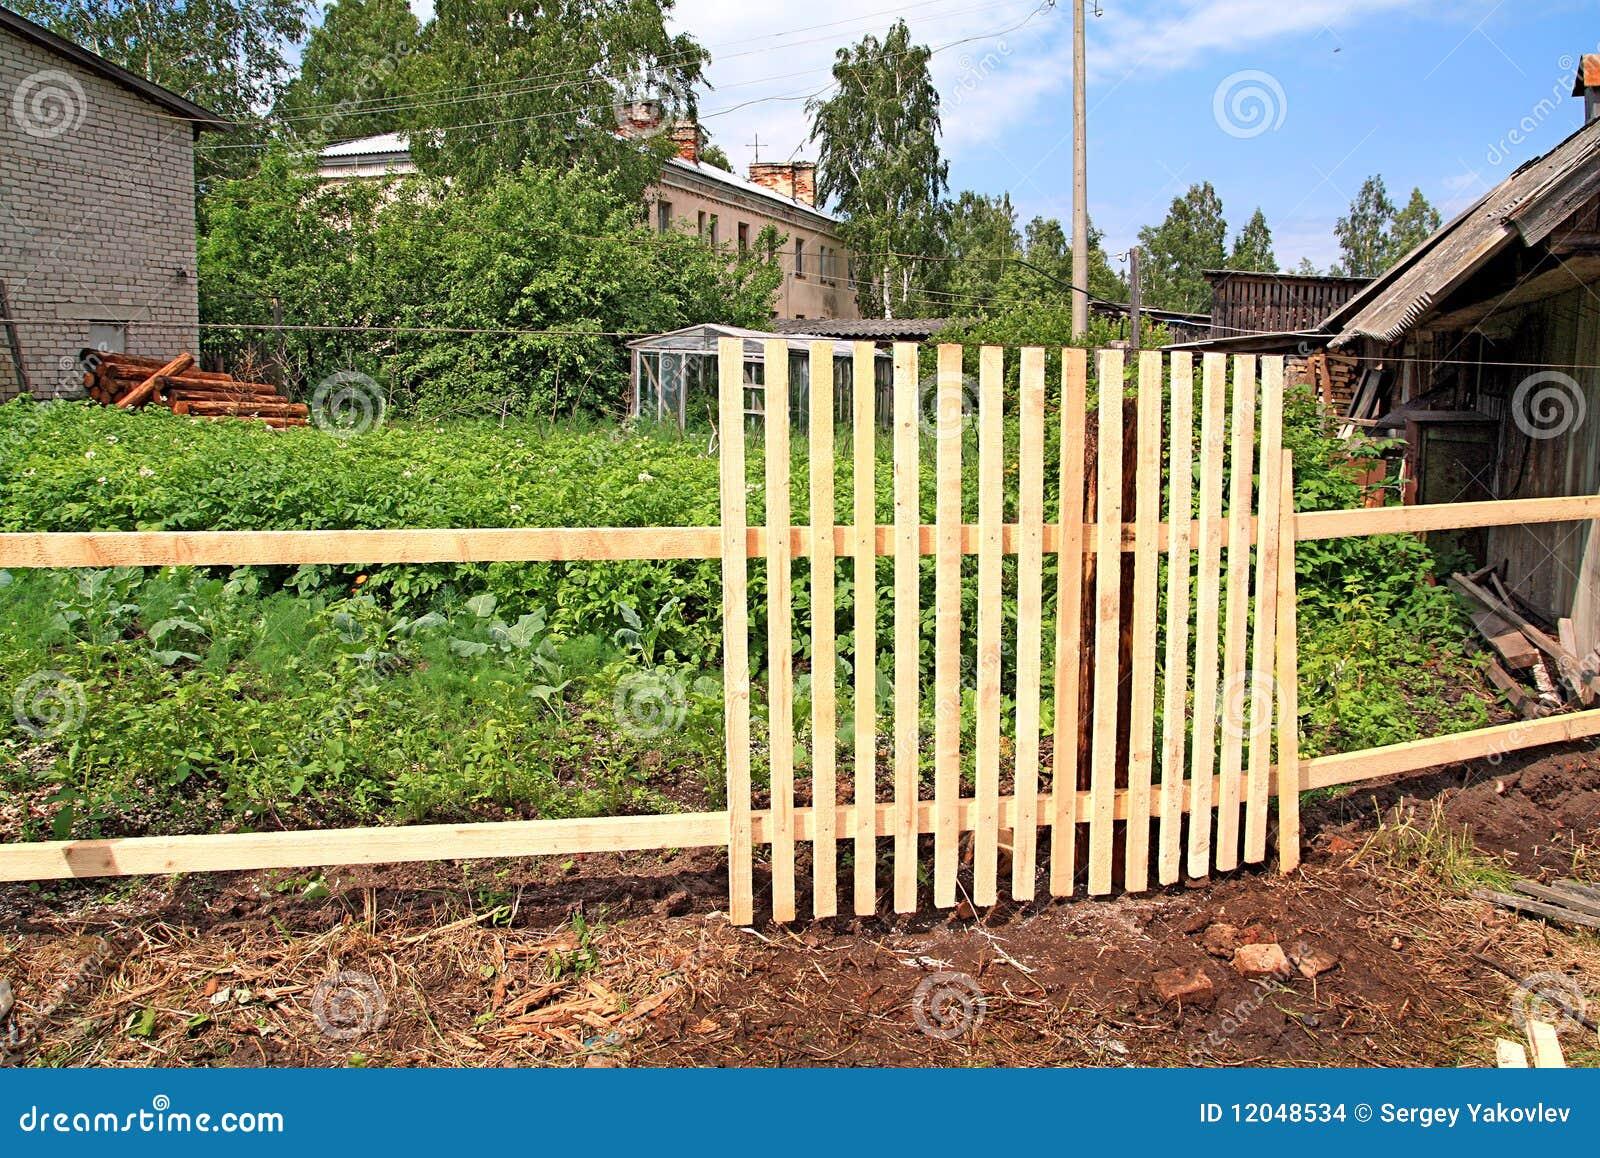 cerca de madeira para jardim em recife : cerca de madeira para jardim em recife:Cerca De Madeira Nova Imagens de Stock – Imagem: 12048534